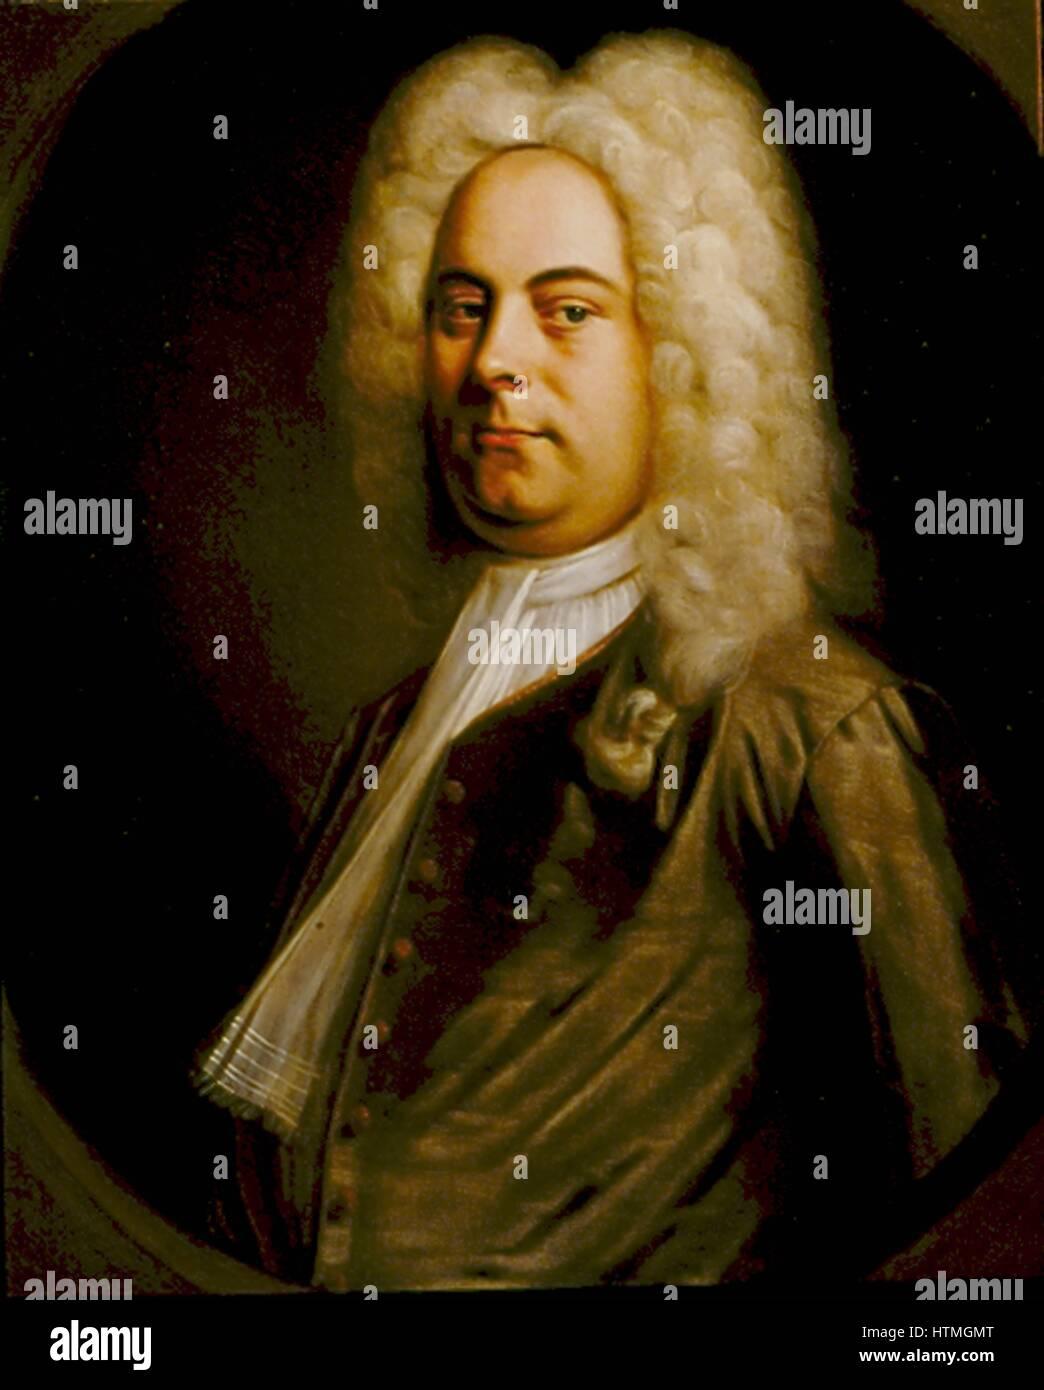 George Frederic Handel (1685-1759) Deutsch geborenen Komponisten, die in England nieder. Porträt von 1726-1728 Stockbild